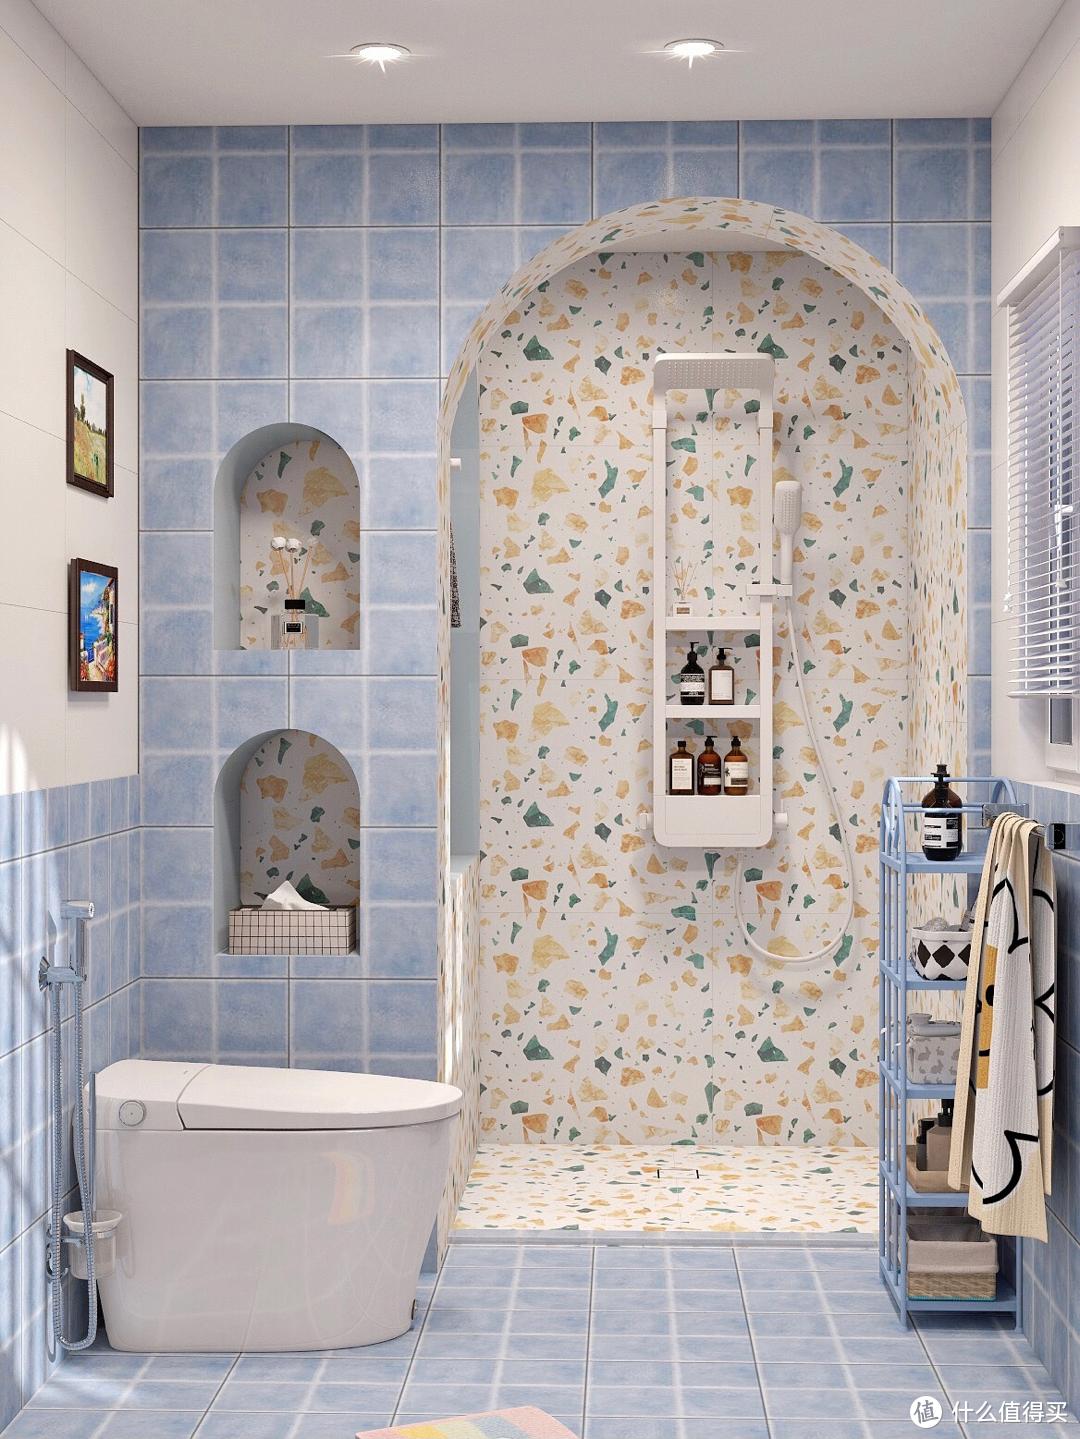 无视老公,才有了我爱的地中海浴室&智能马桶